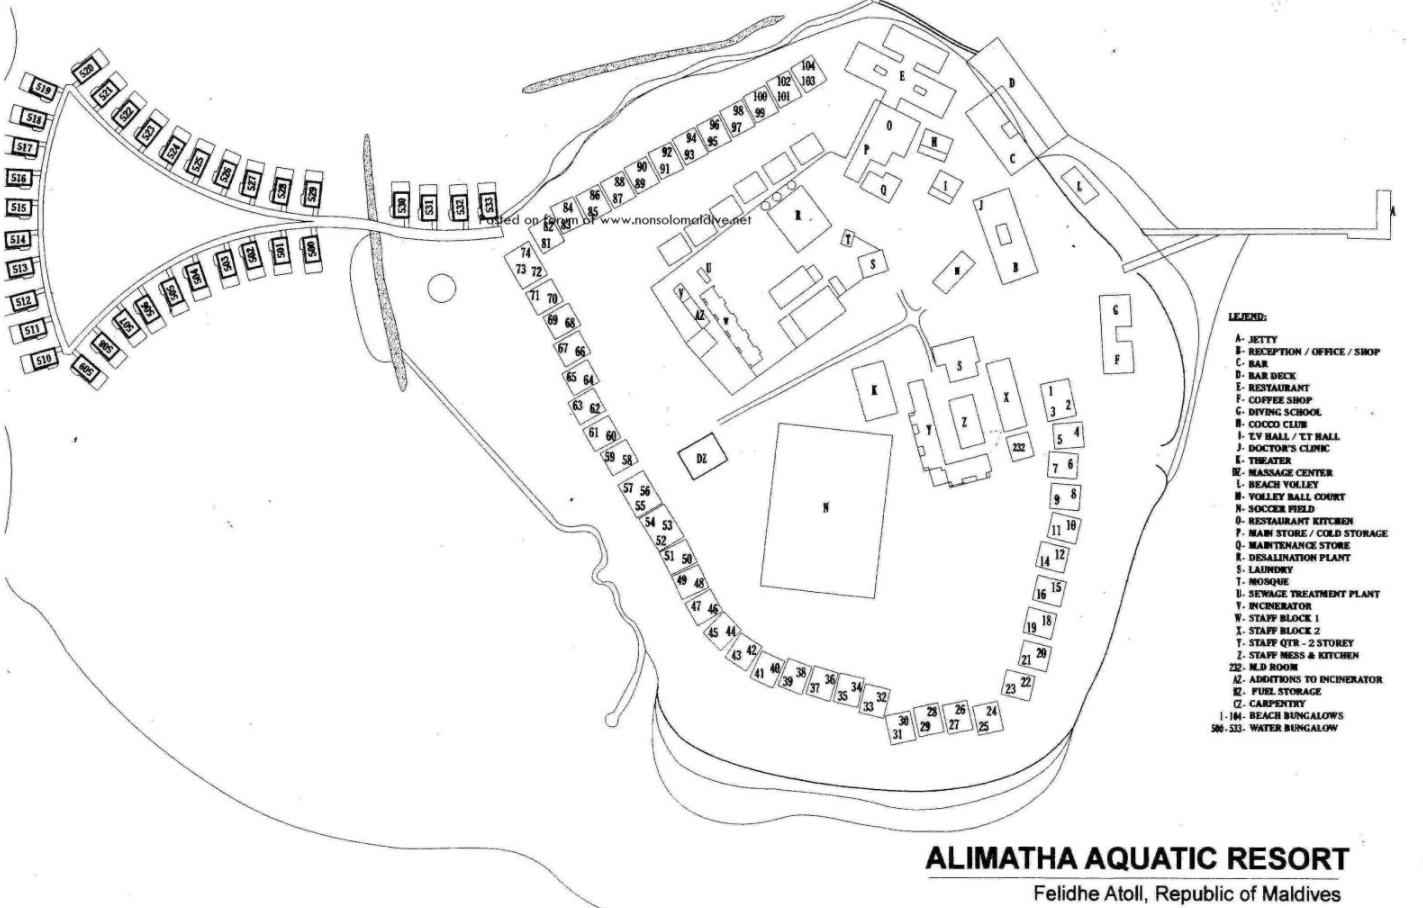 马尔代夫 安利玛莎 Alimatha Aquatic Resort  平面地图查看